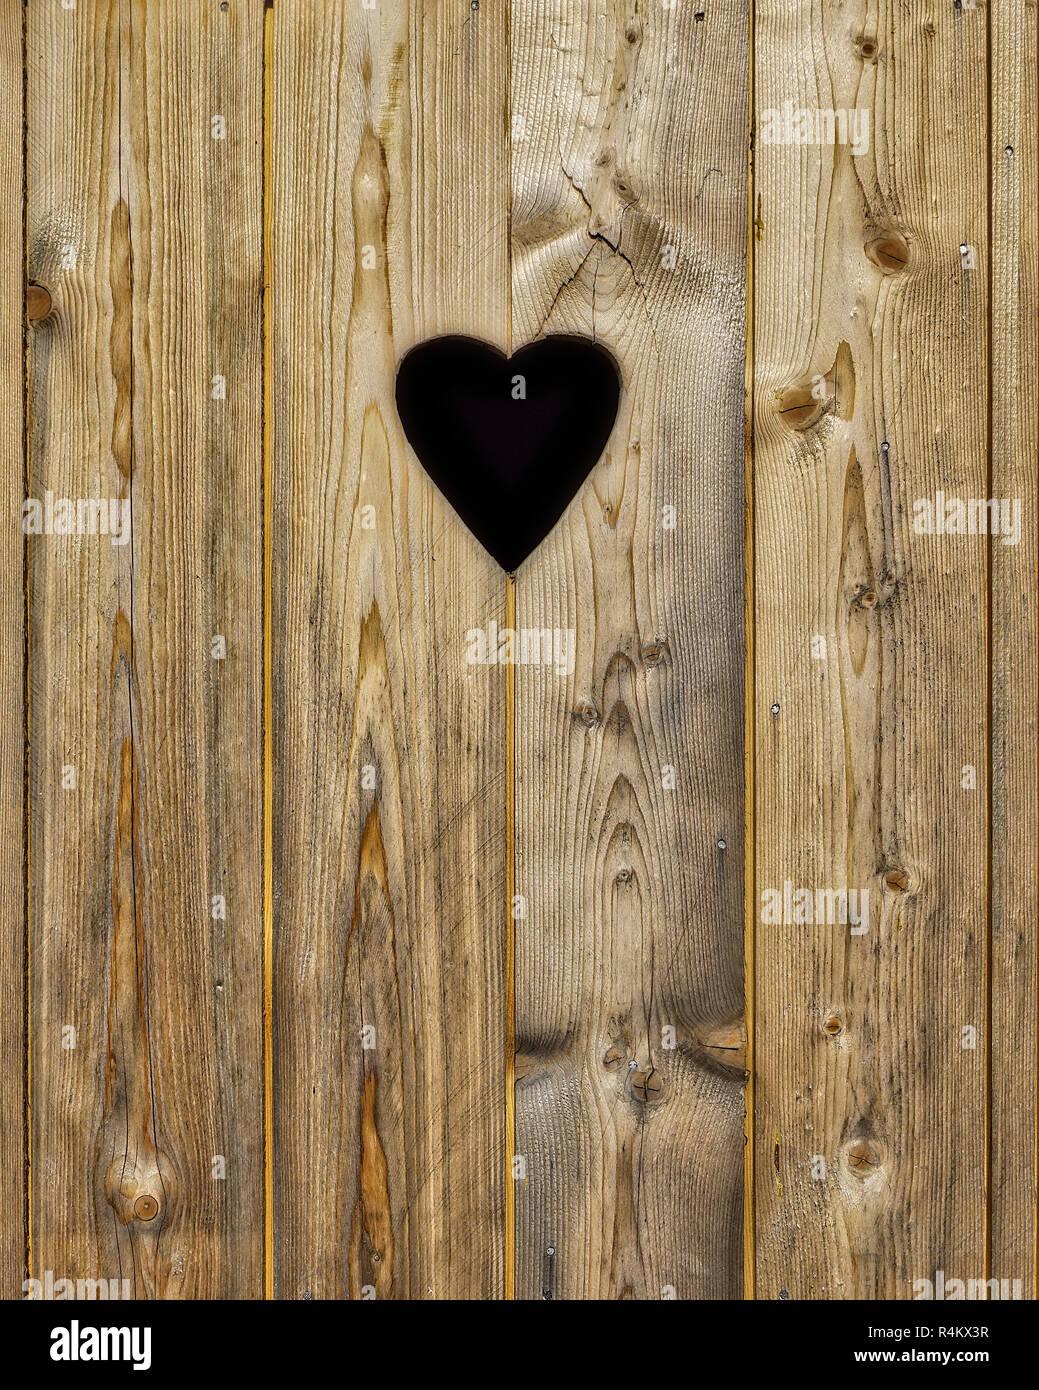 DE - BAVARIA: Detail of traditional outdoor toilet door - Stock Image